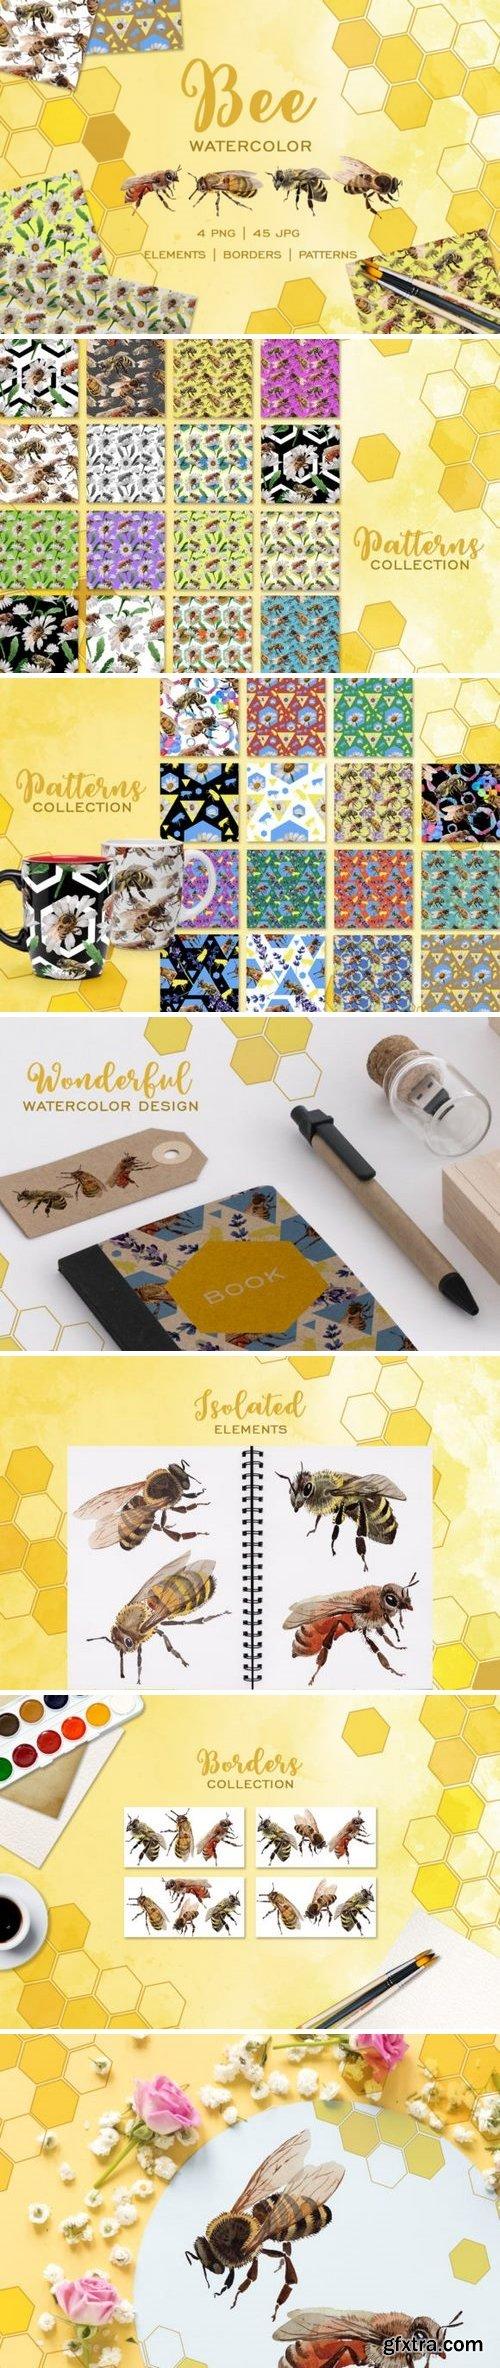 CM - Bee Watercolor png 3493635